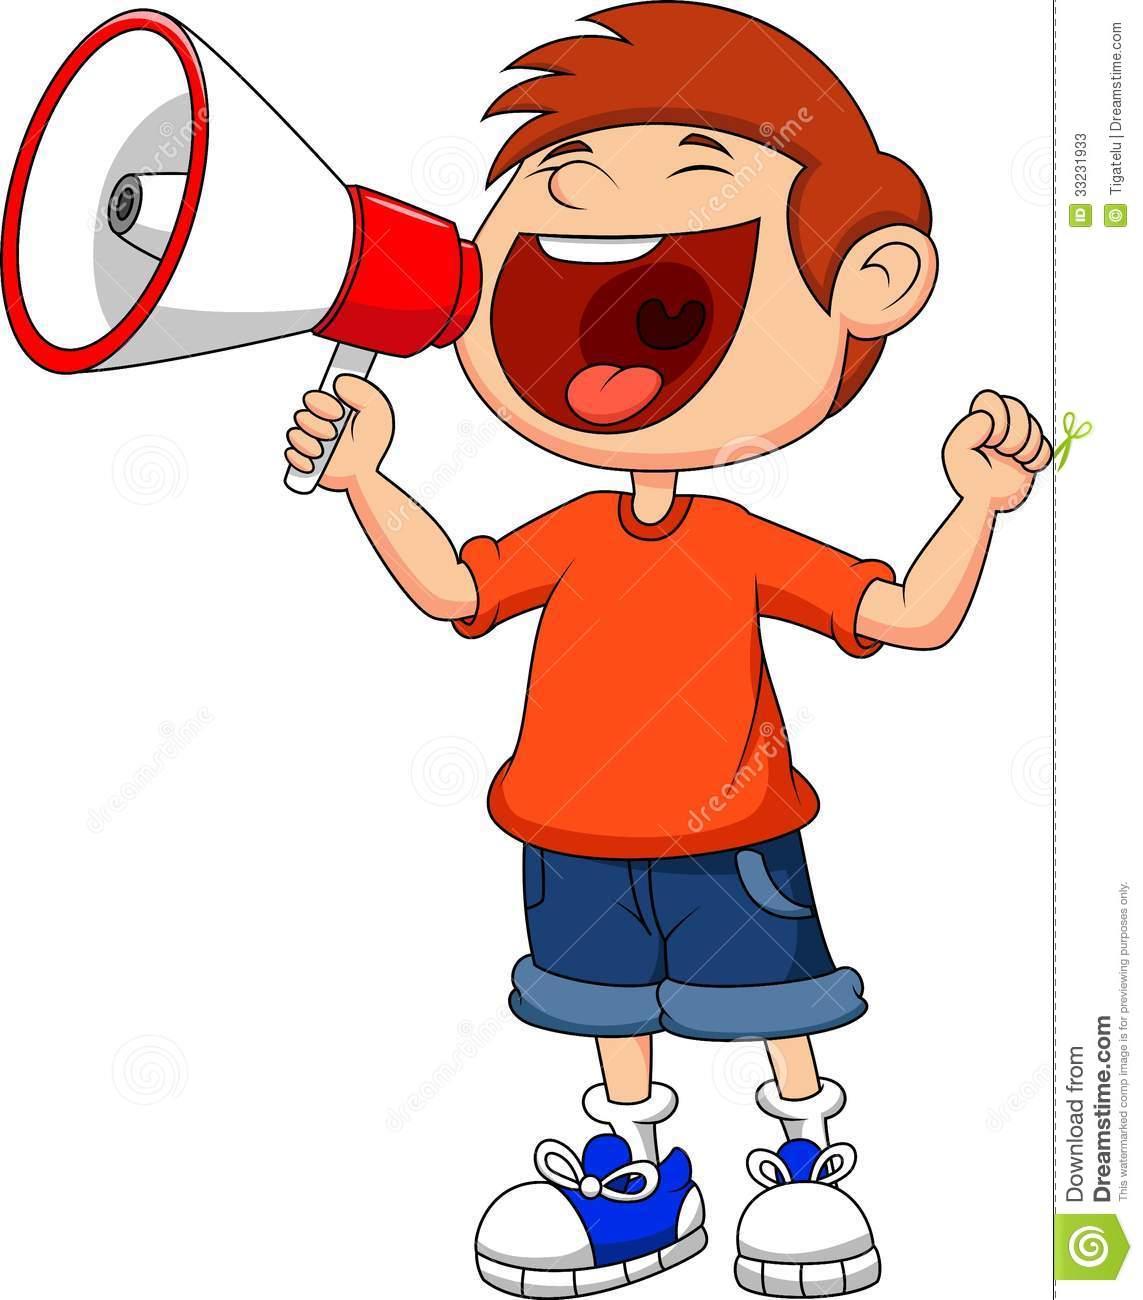 Yelling clipart. In megaphone image album